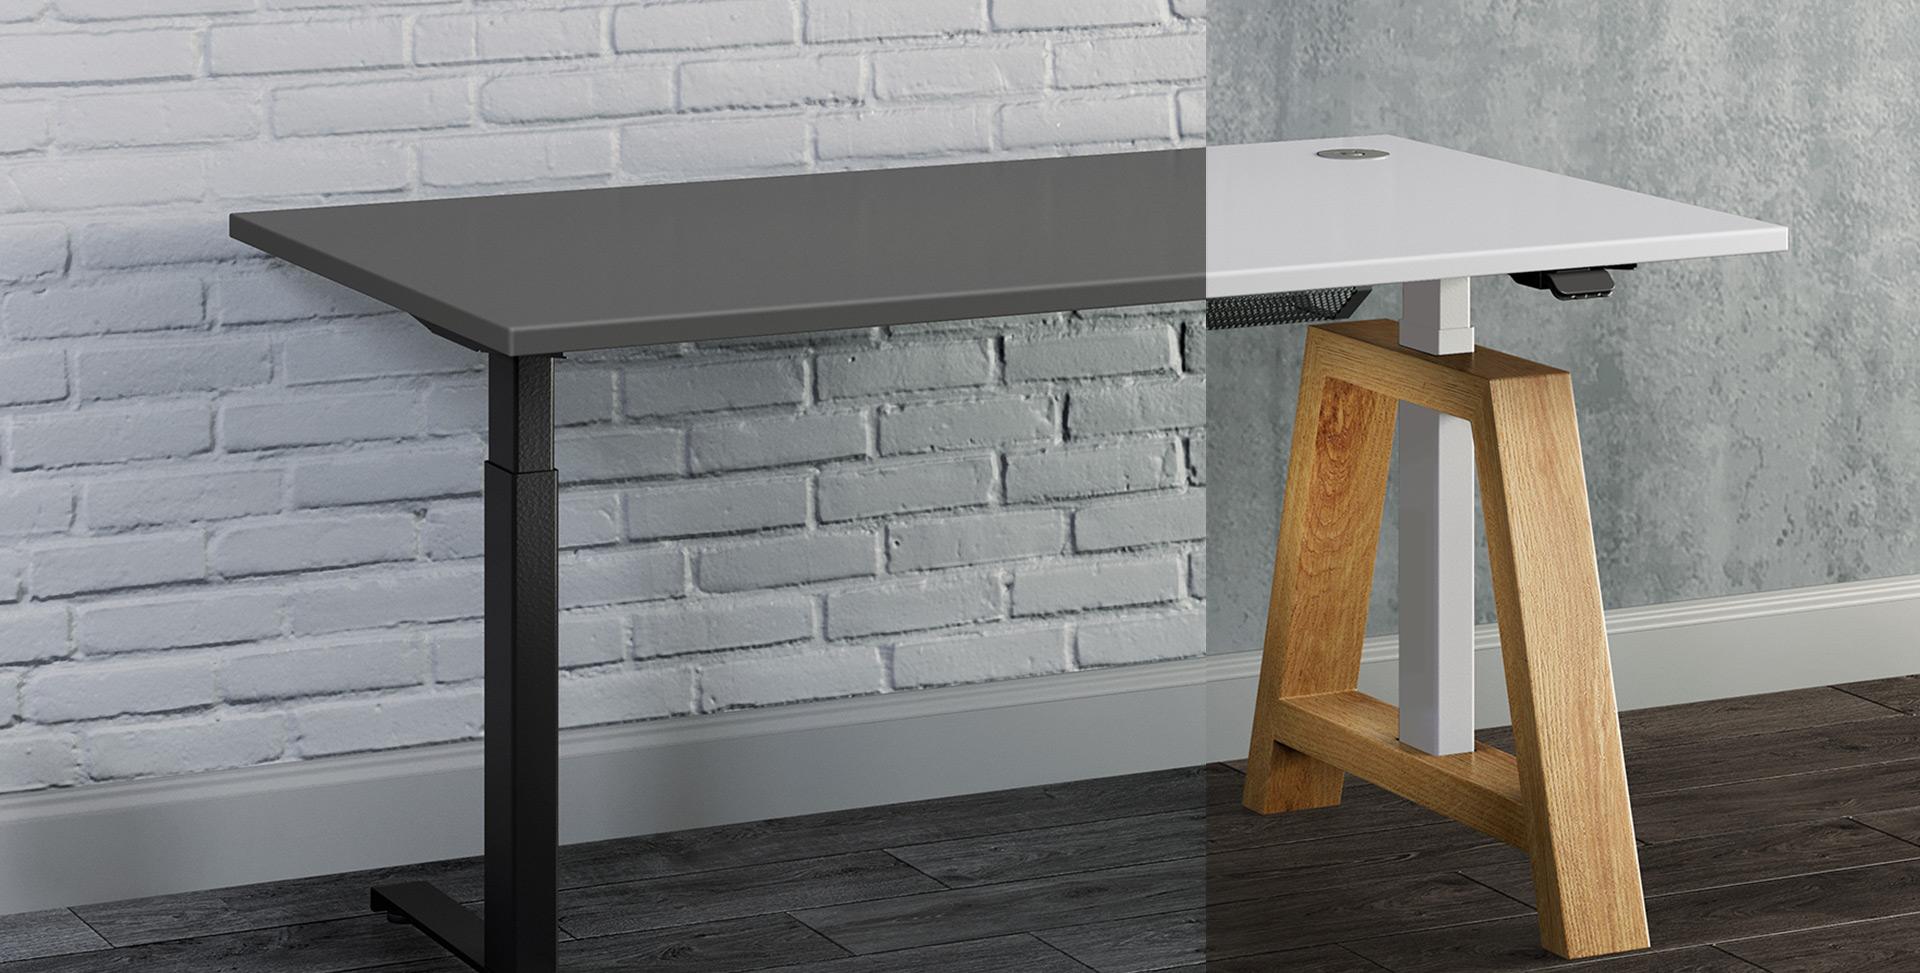 3D Rendering of Desks